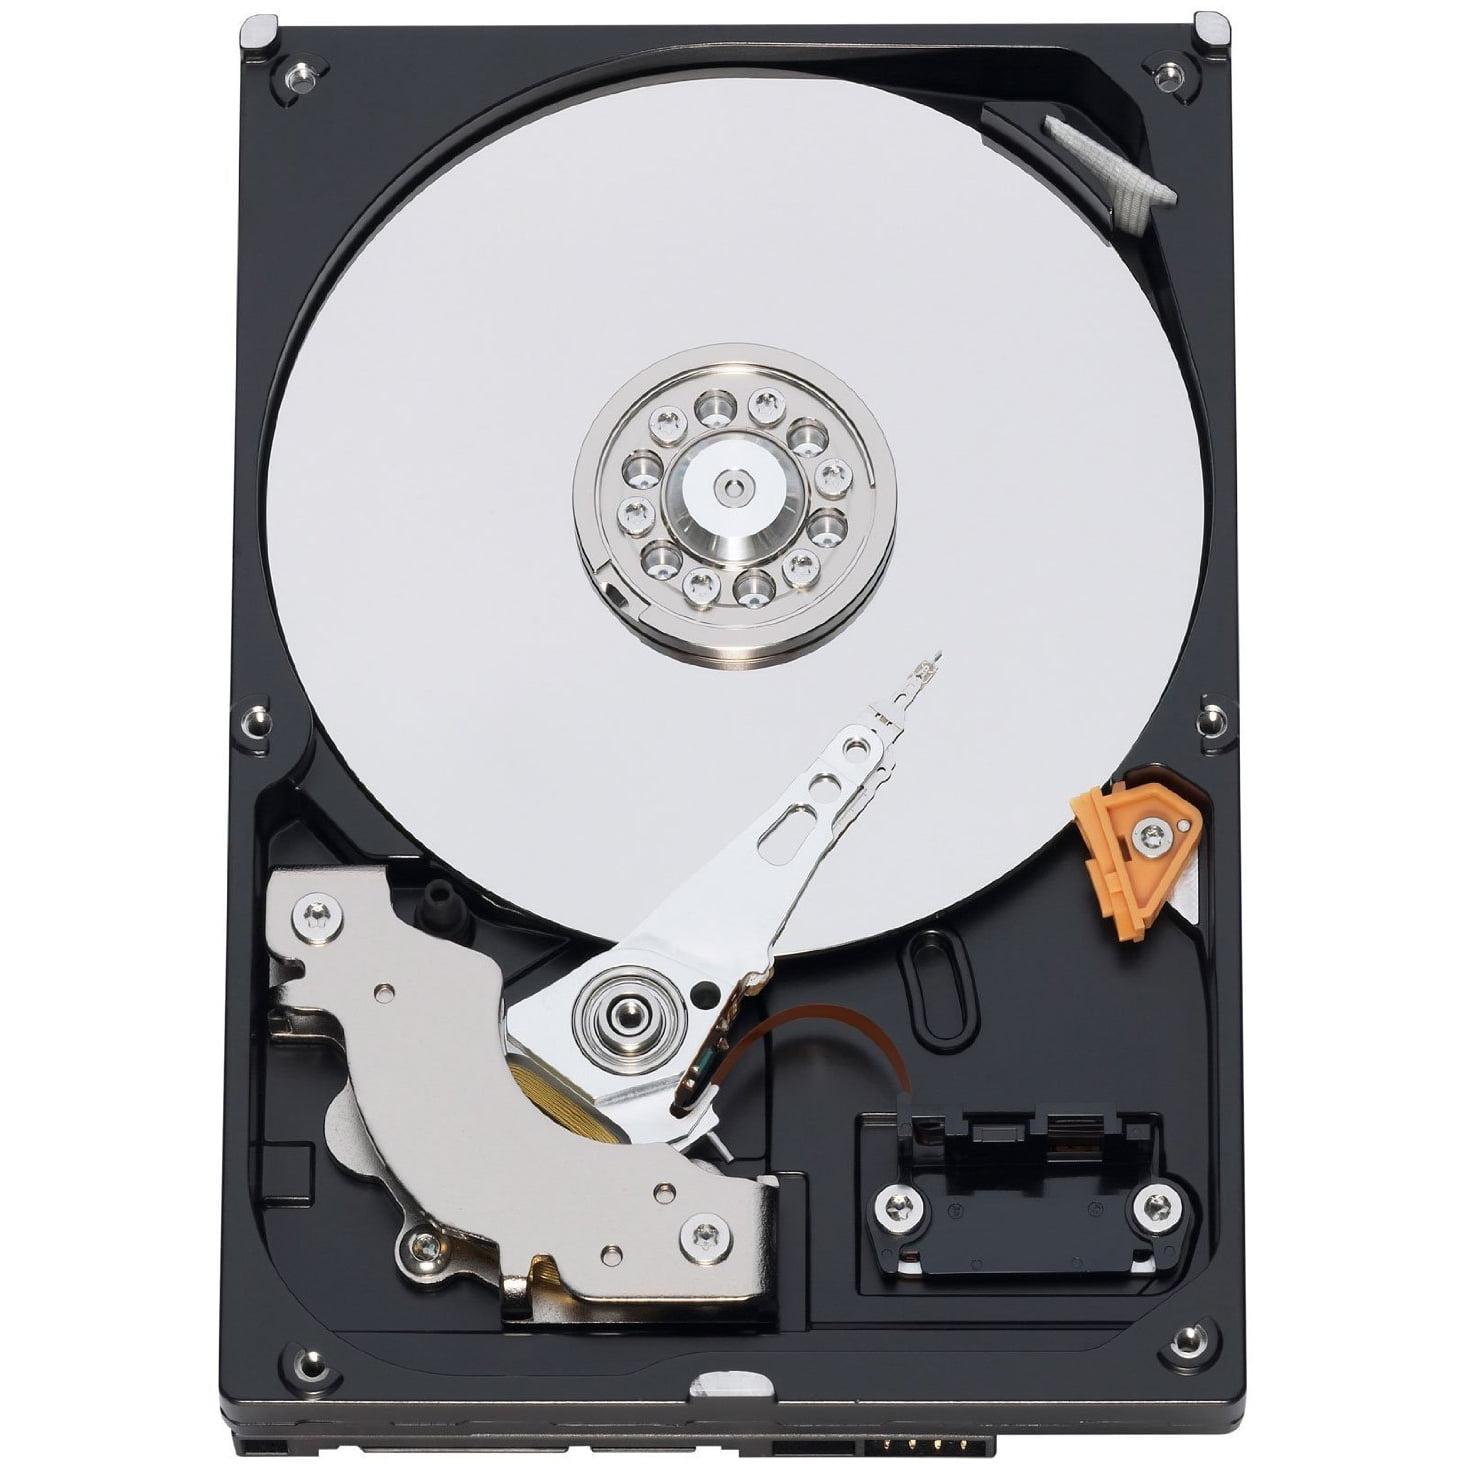 """Refurbished Western Digital Caviar Blue 3.5"""" 320GB SATA/300 3.0Gb/s 7200RPM 8MB Hard Drive"""